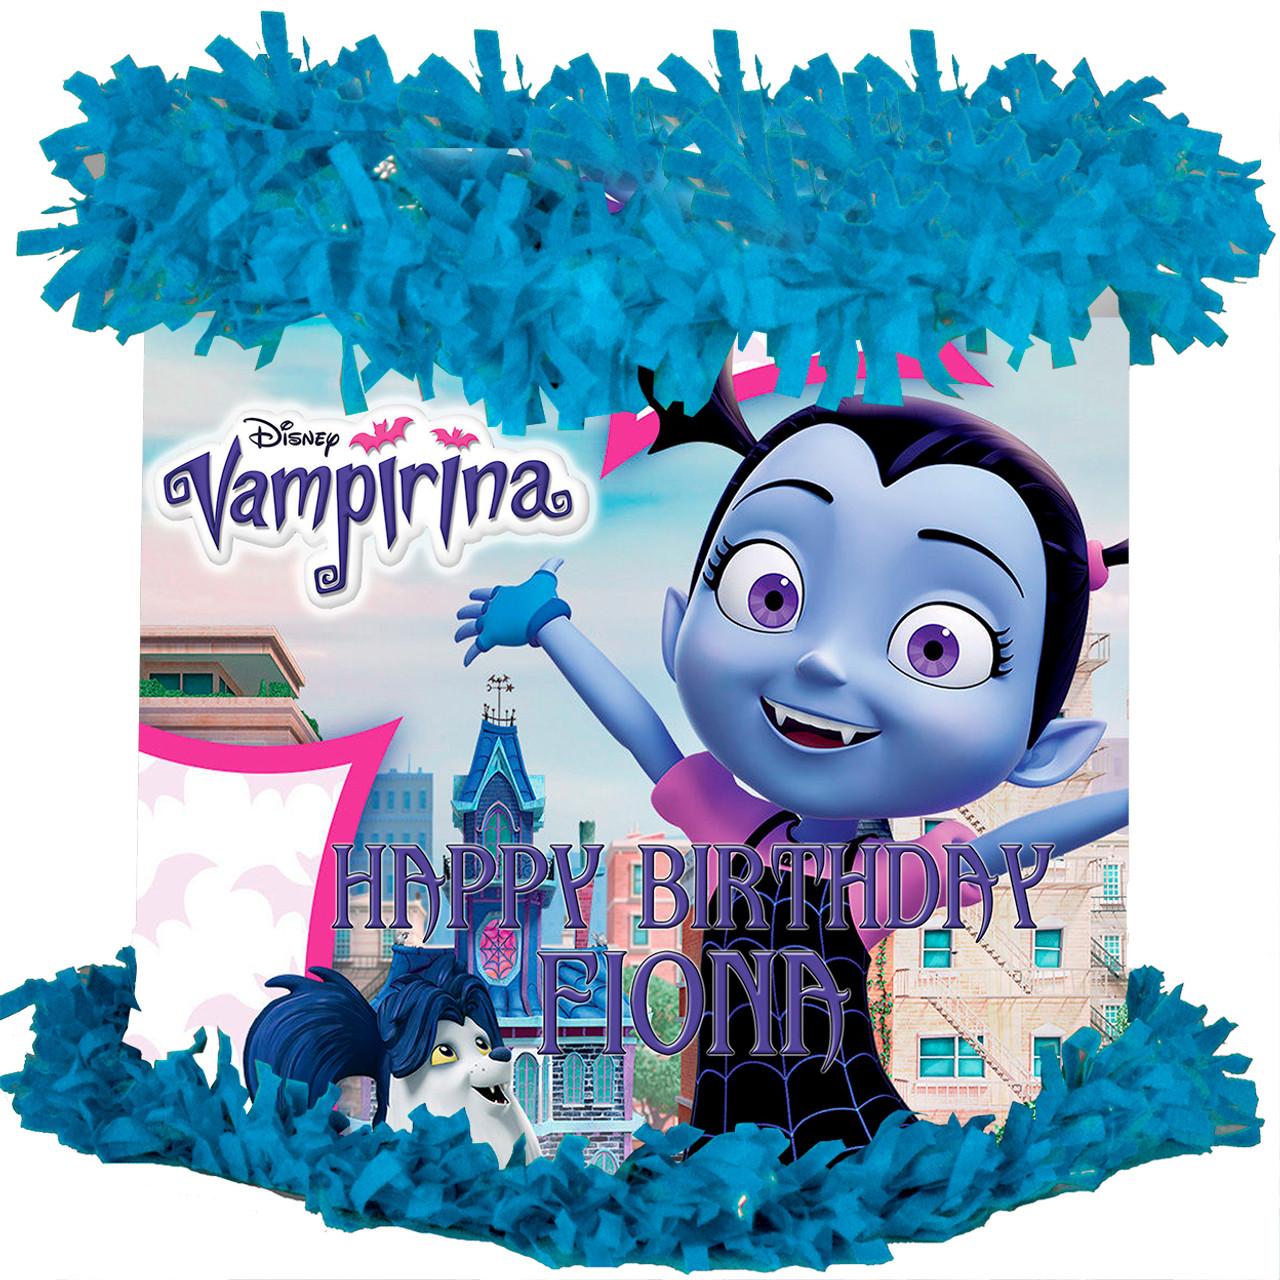 Vampirina Pinata